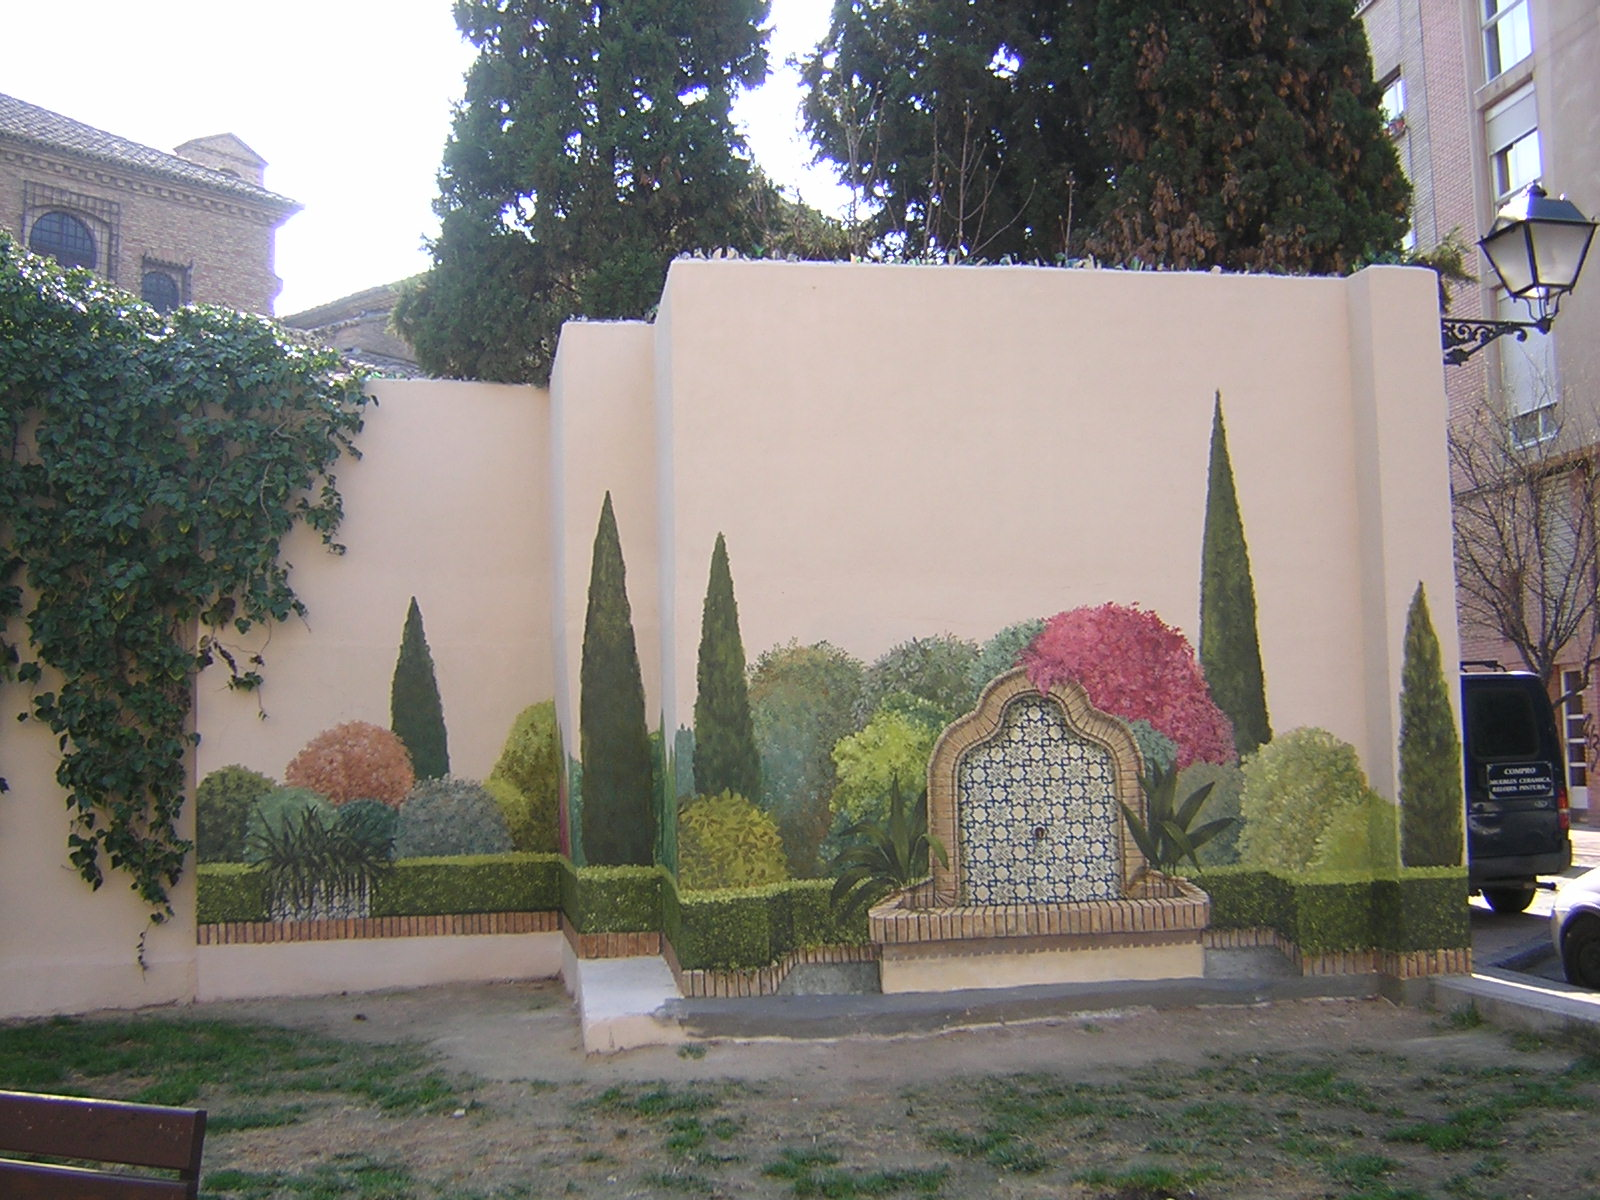 Naturaleza en la ciudad i creciendoentreflores for Decoracion de jardines y muros exteriores